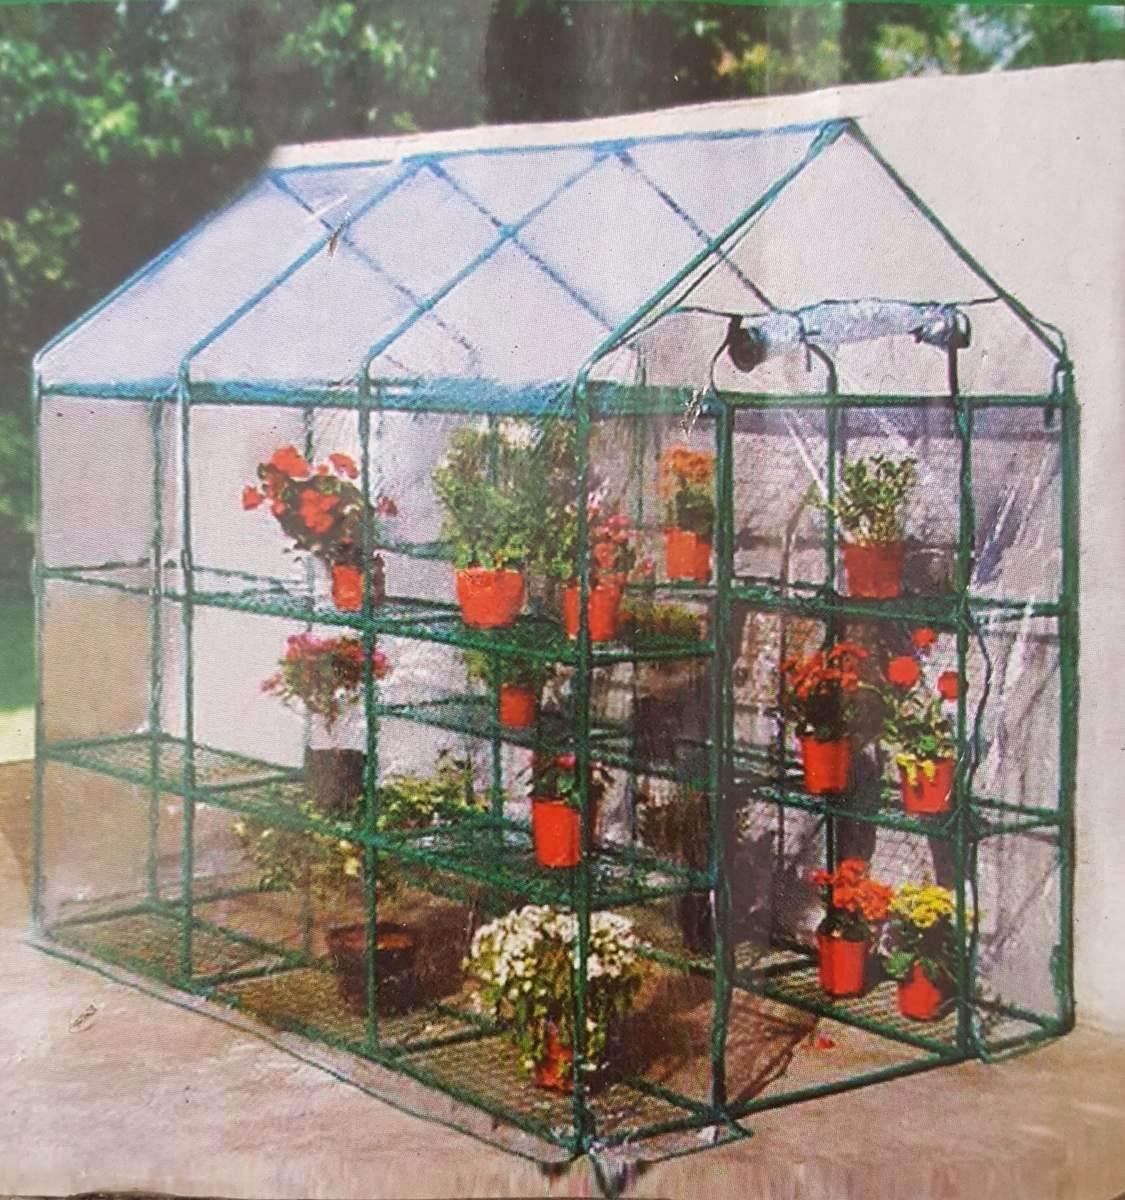 Invernadero grande ideal jardin huerta 215x143x195cm 4 for Invernaderos de jardin